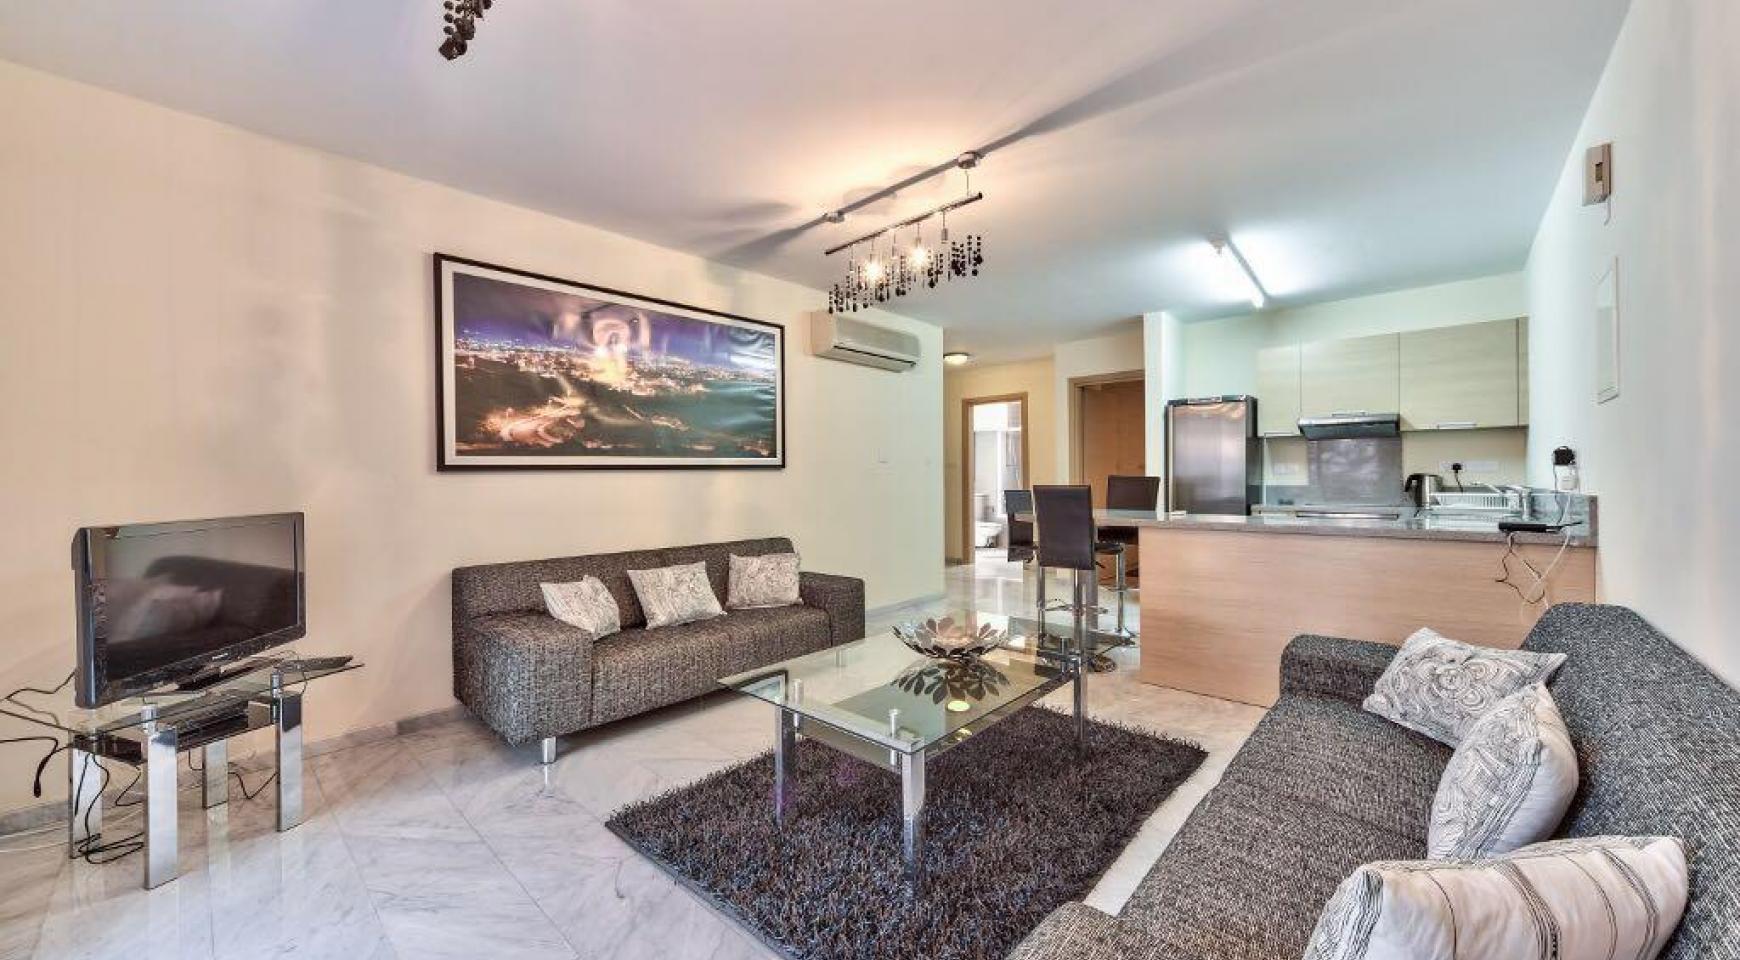 Luxury One Bedroom Apartment in a Prestigious Complex near the Sea - 1